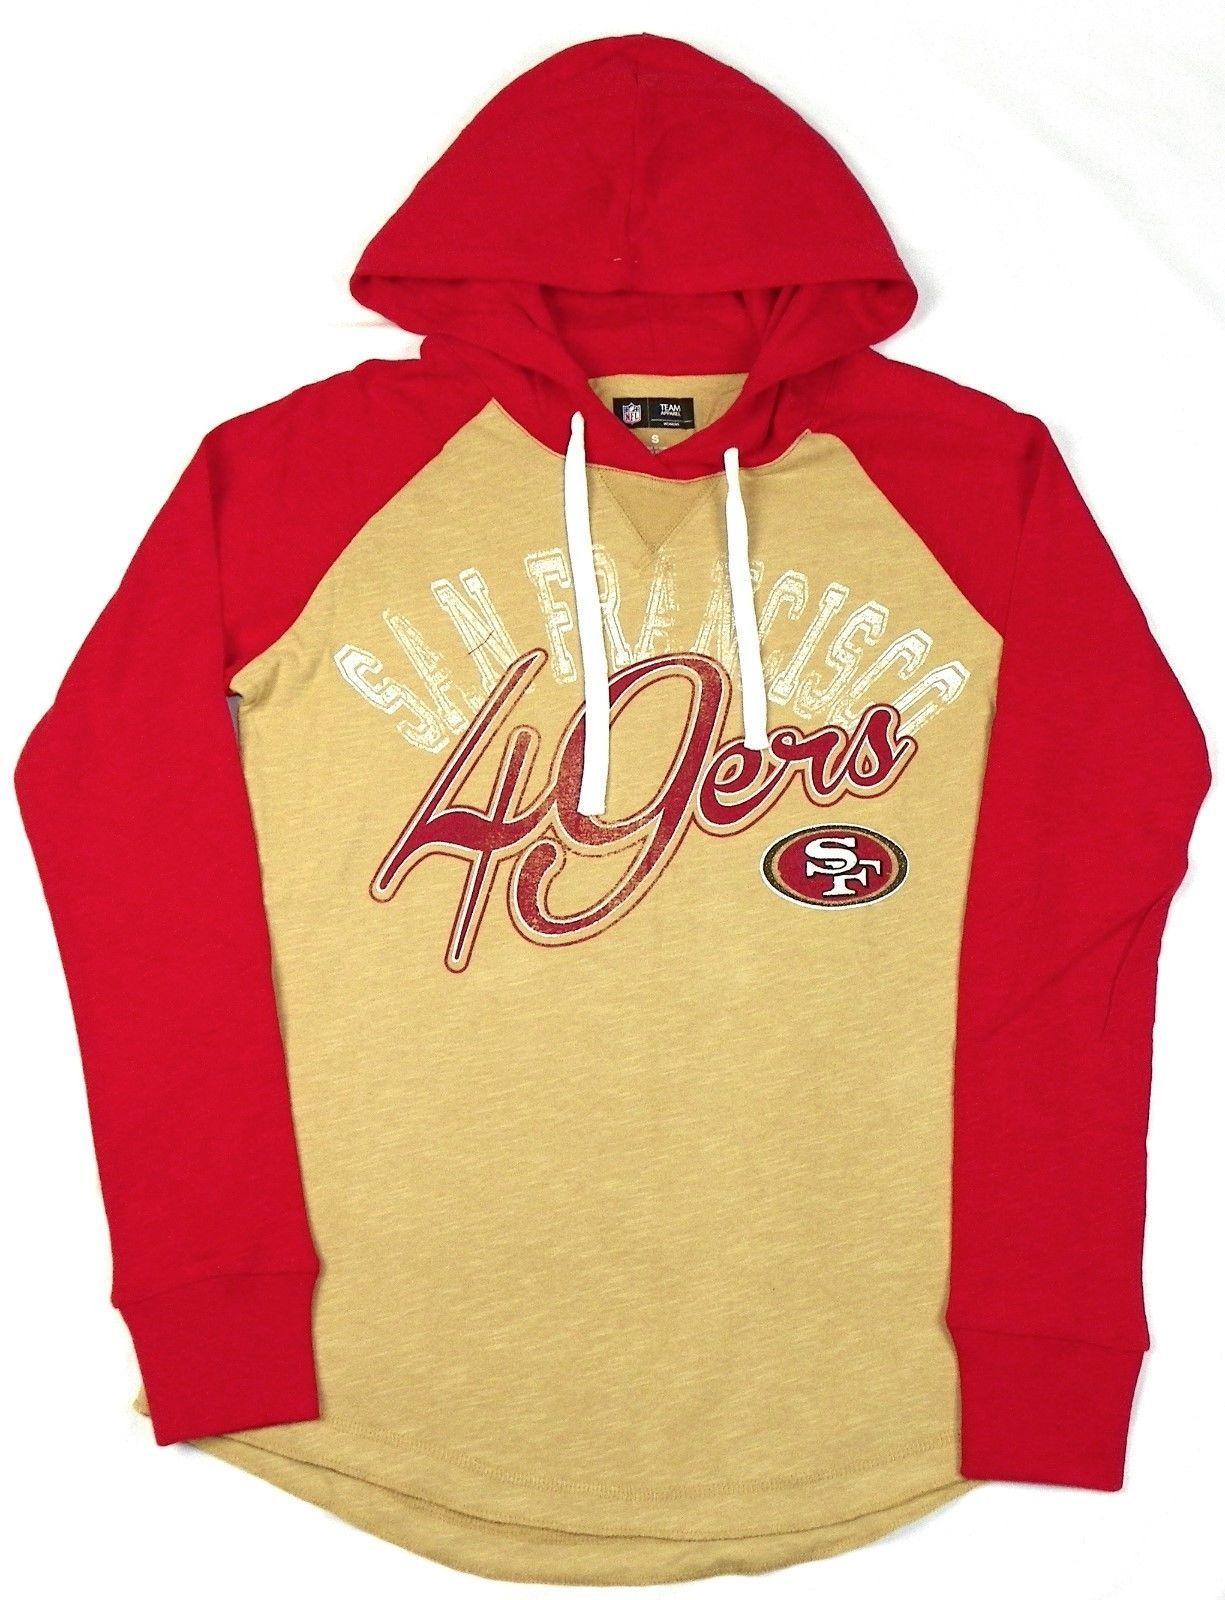 San Francisco 49ers Women's Hoodie Tee NFL Pump Fake Hooded Long Sleeve Shirt